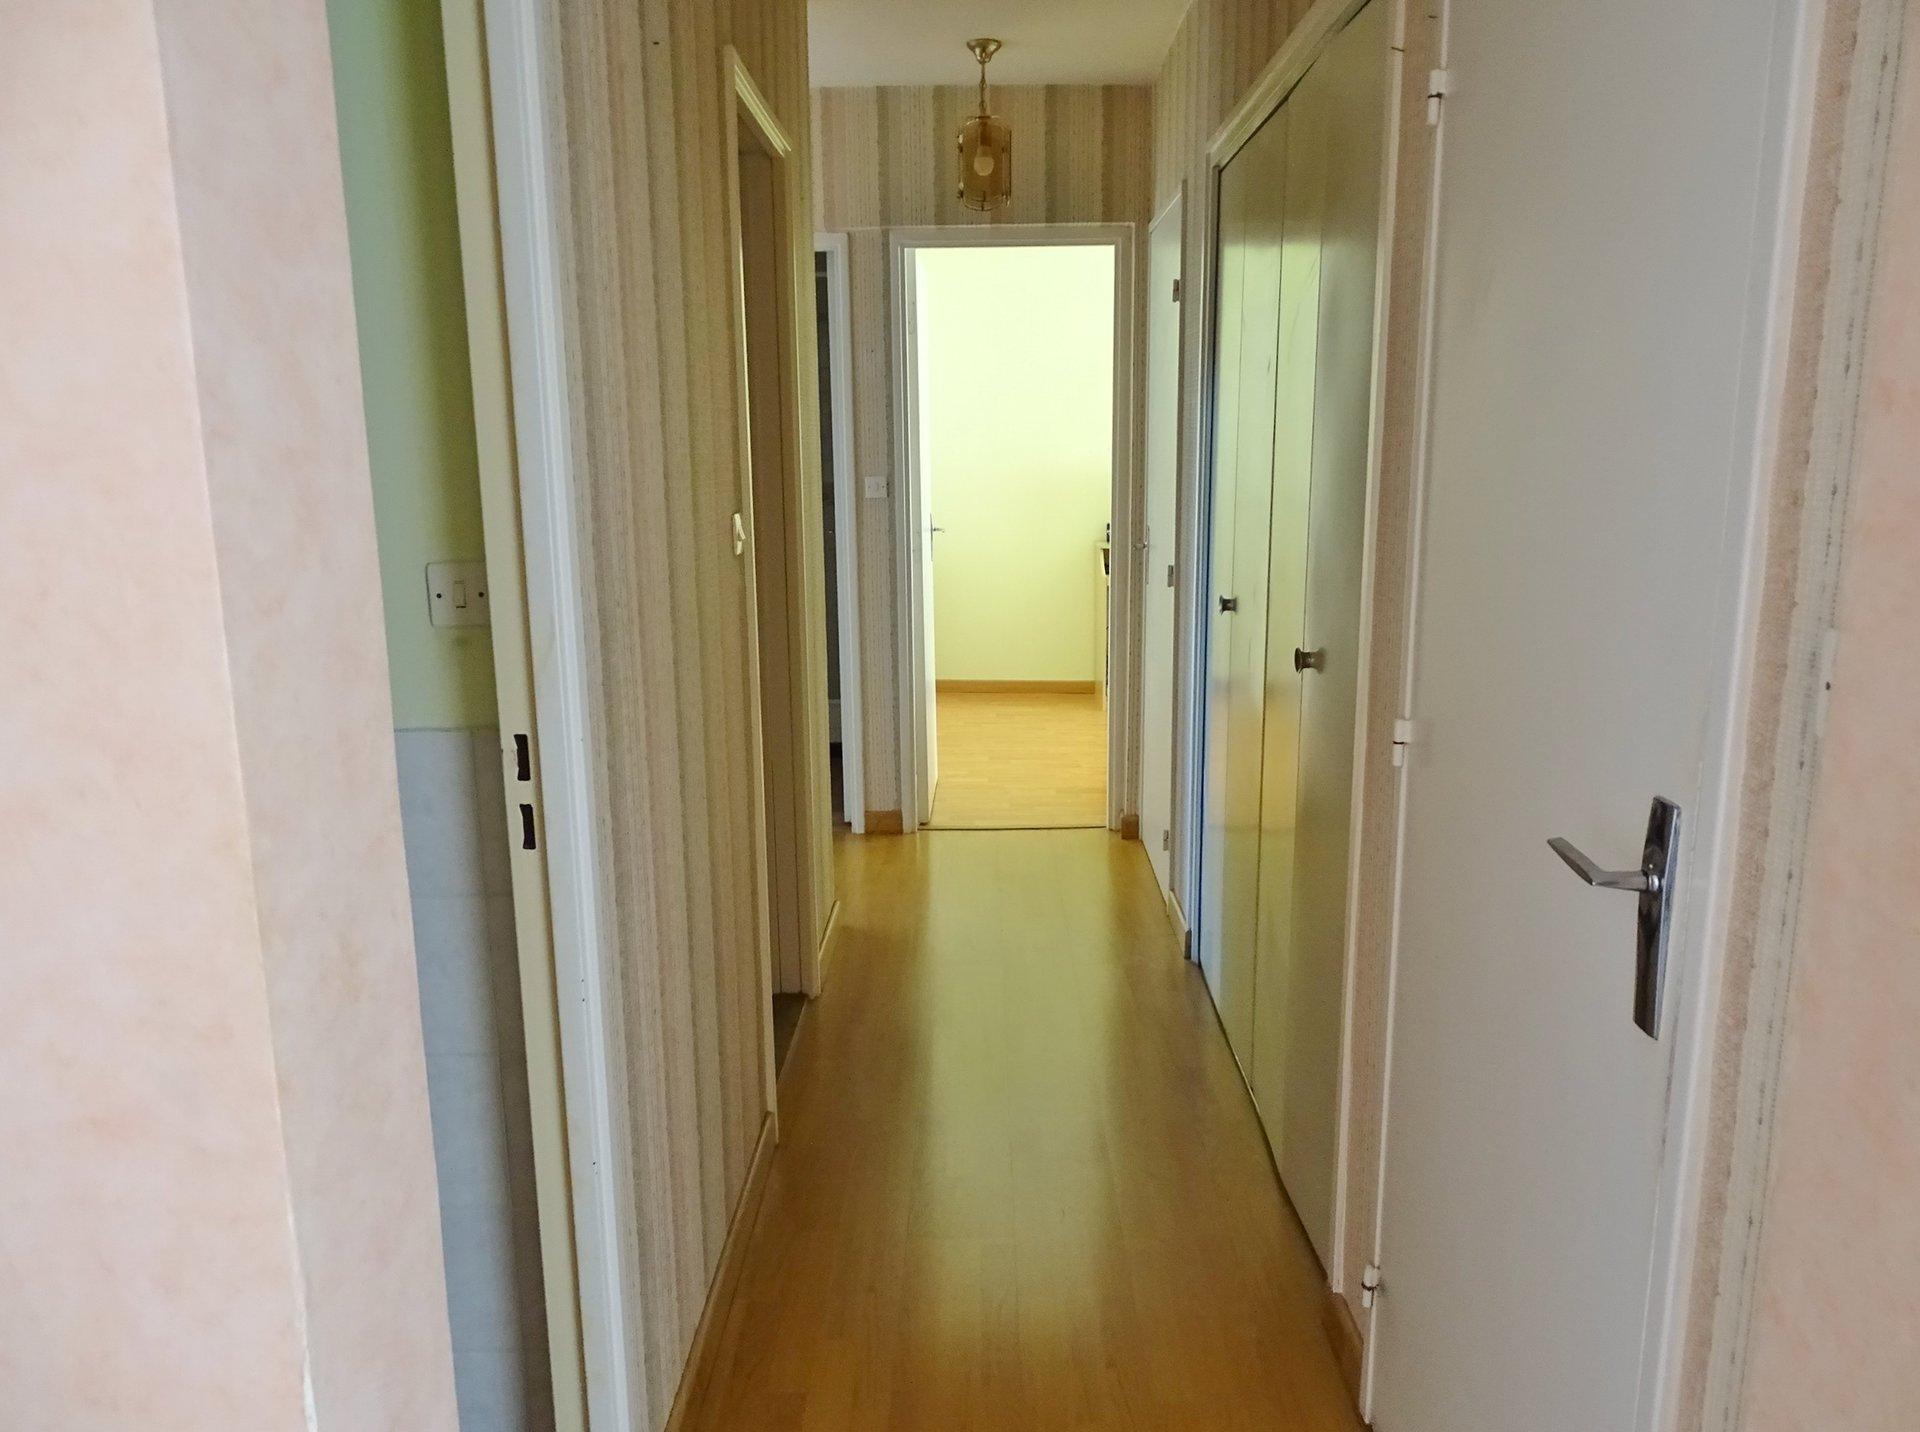 Dans une résidence bien entretenue, cet appartement de près de 97 m² est traversant EST/OUEST. Il offre un séjour très lumineux donnant sur un balcon. La cuisine reste équipée et offre une vue agréable. L'espace nuit se compose de 3 chambres, de 2 salles de douches et de très nombreux rangements. Vendu avec garage et cave. Bien soumis au régime de la copropriété. Charges de 803 ? environ par trimestre incluant le chauffage urbain. Honoraires à la charge du vendeur.